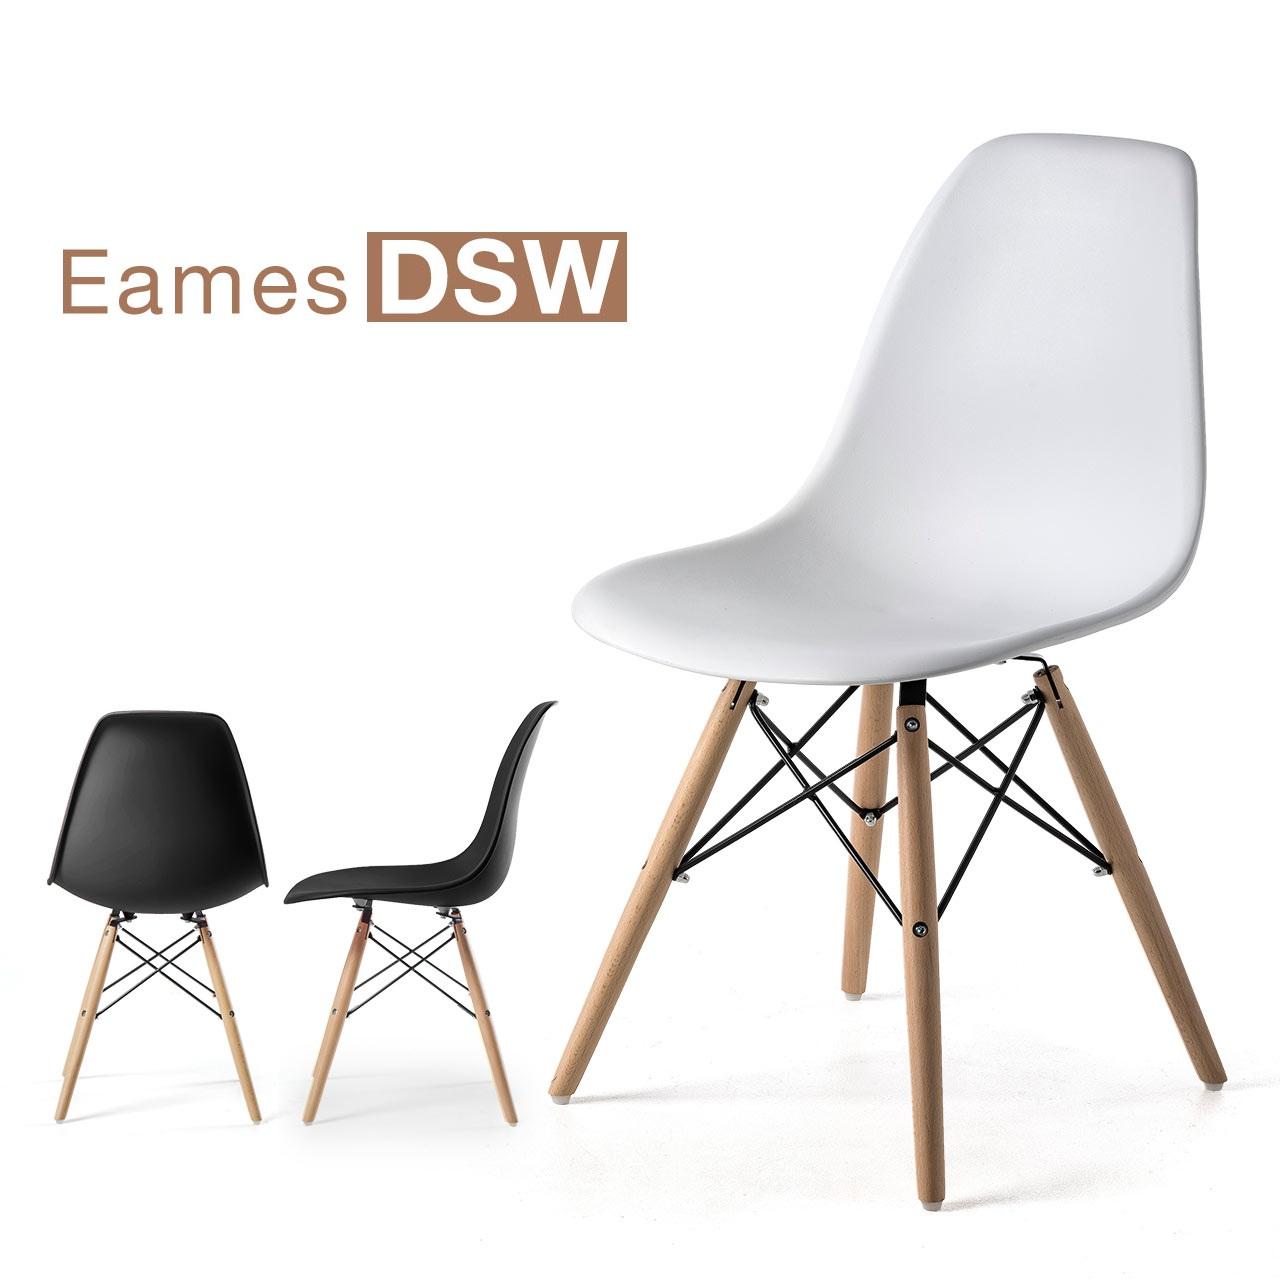 Eames ミッドセンチュリー 往復送料無料 名作 お手頃 ジェネリック家具 ダイニングチェア イームズ 木製脚 引き出物 イームズチェア DSW シェルチェア リプロダクト品 150-SNCG03